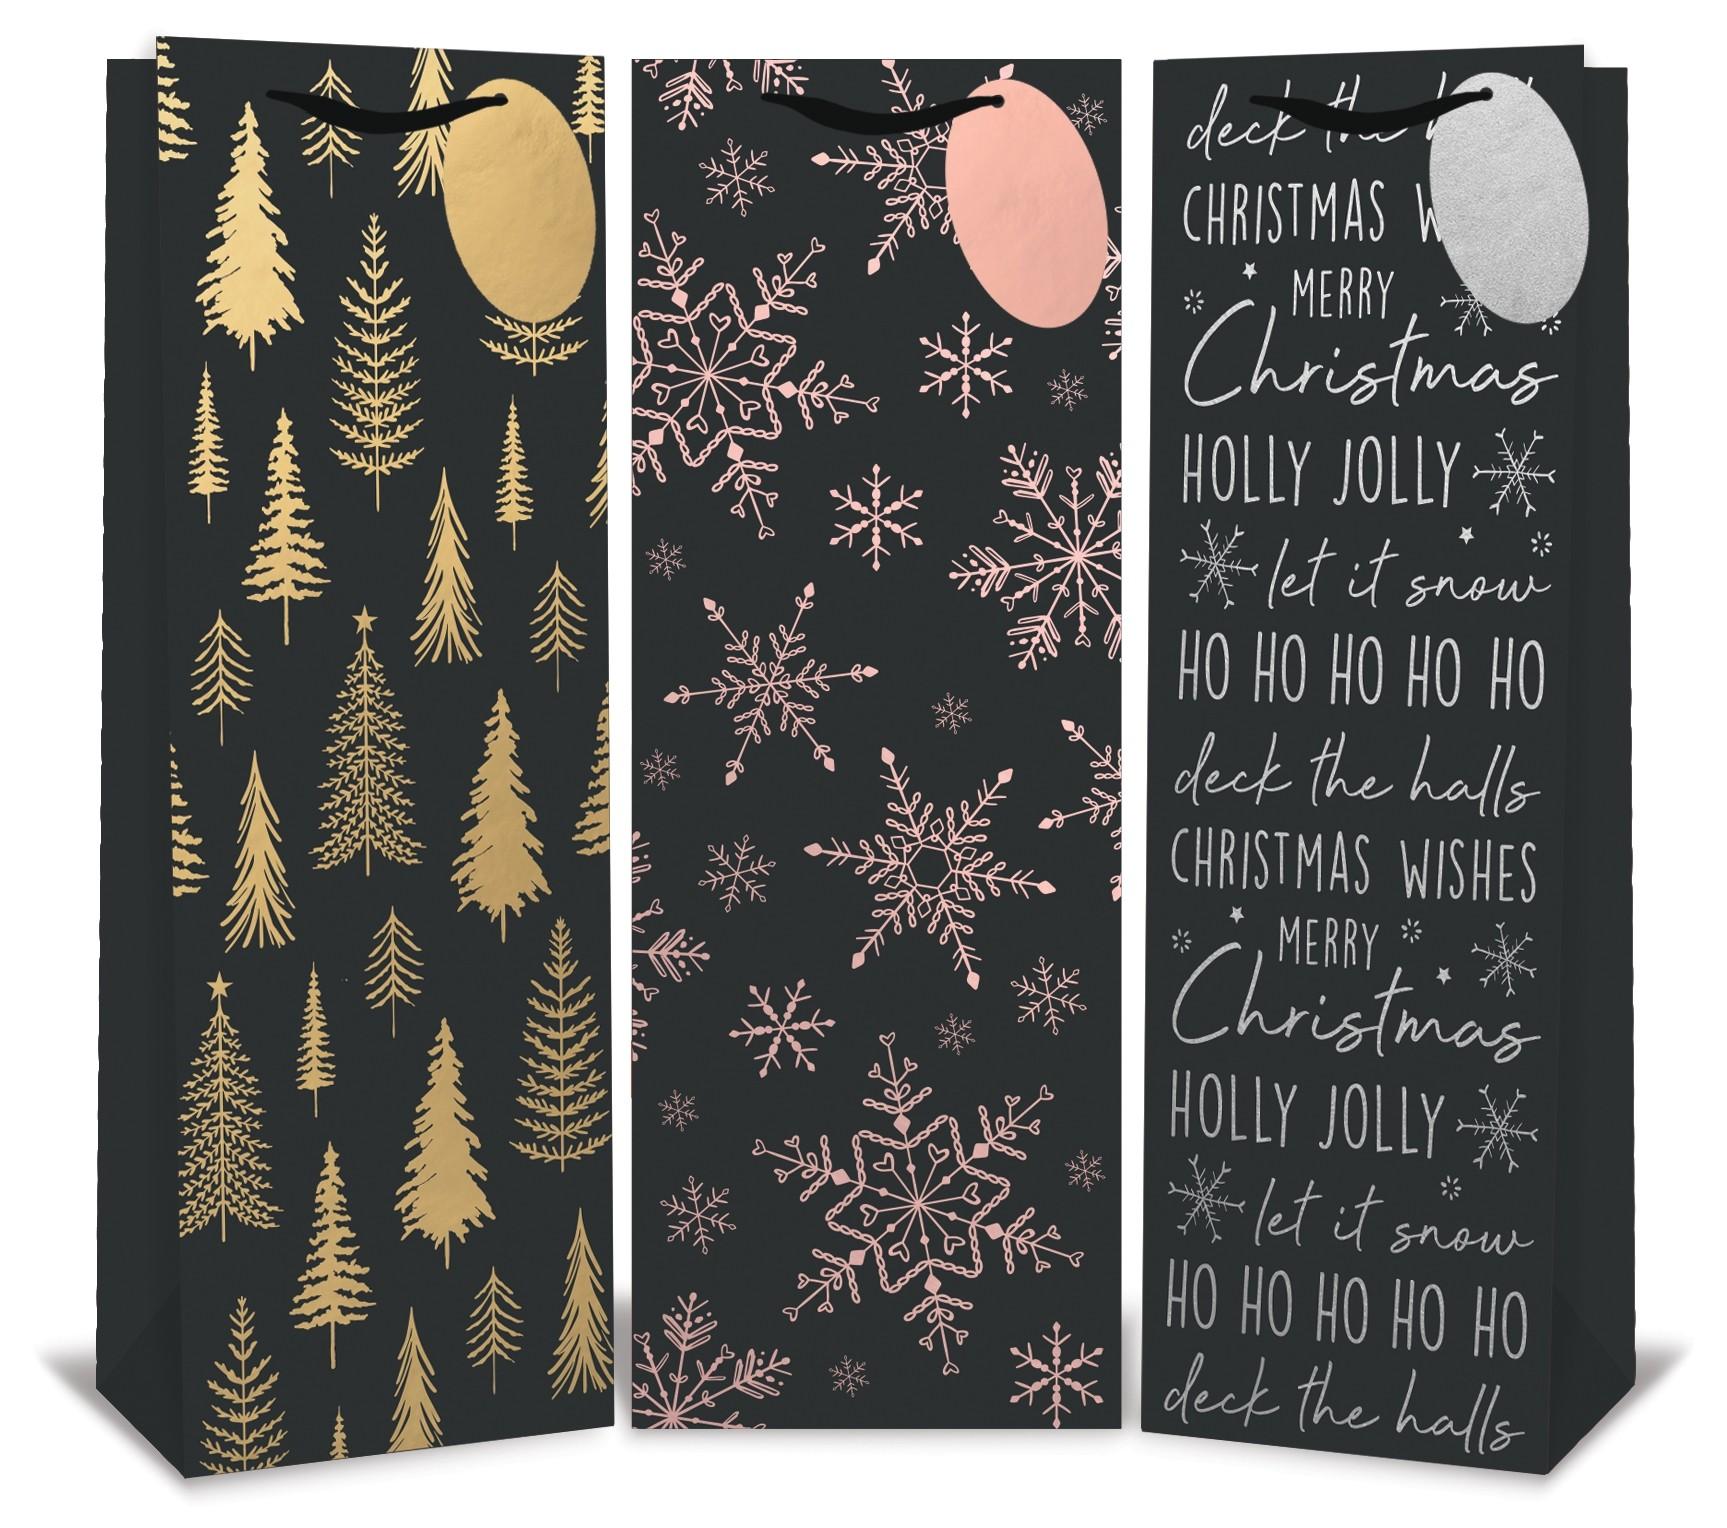 Christmas bottle gift bags - black designs